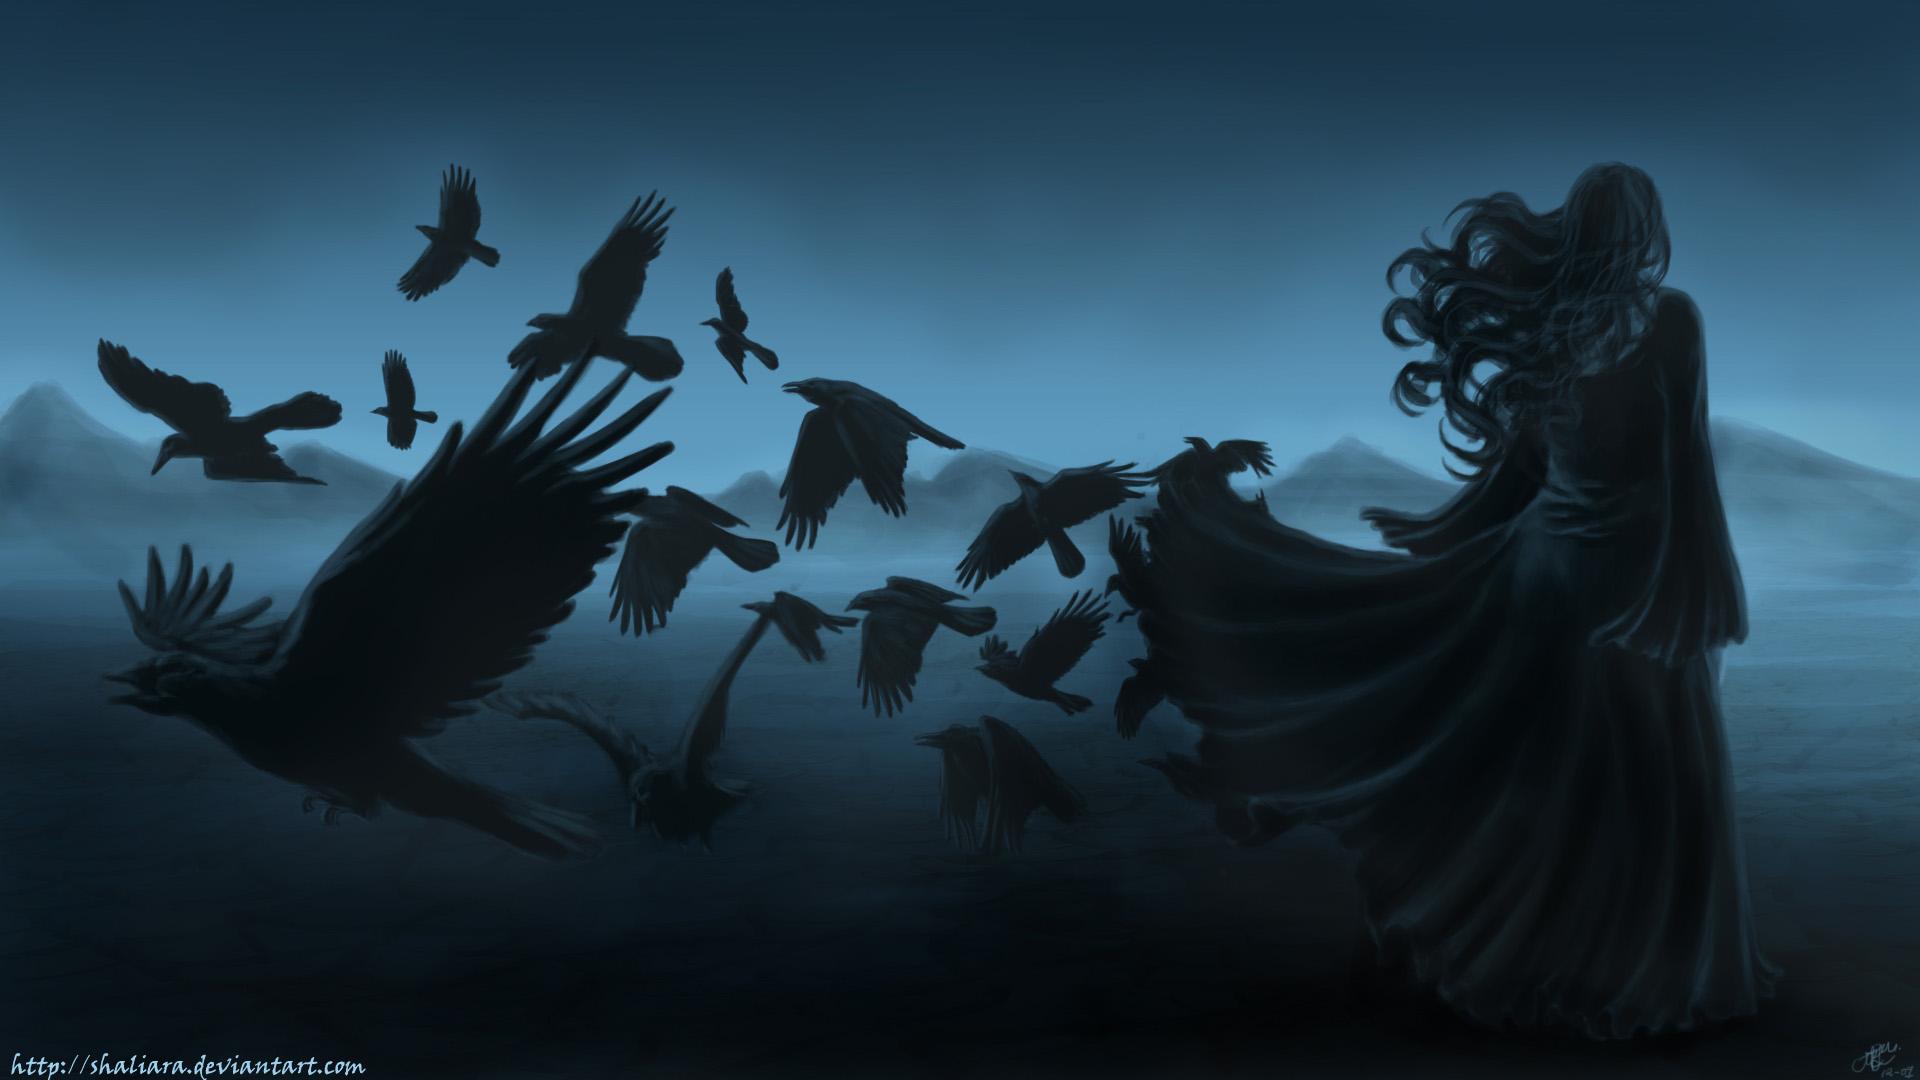 Dark Gothic Art Wallpapers - WallpaperSafari